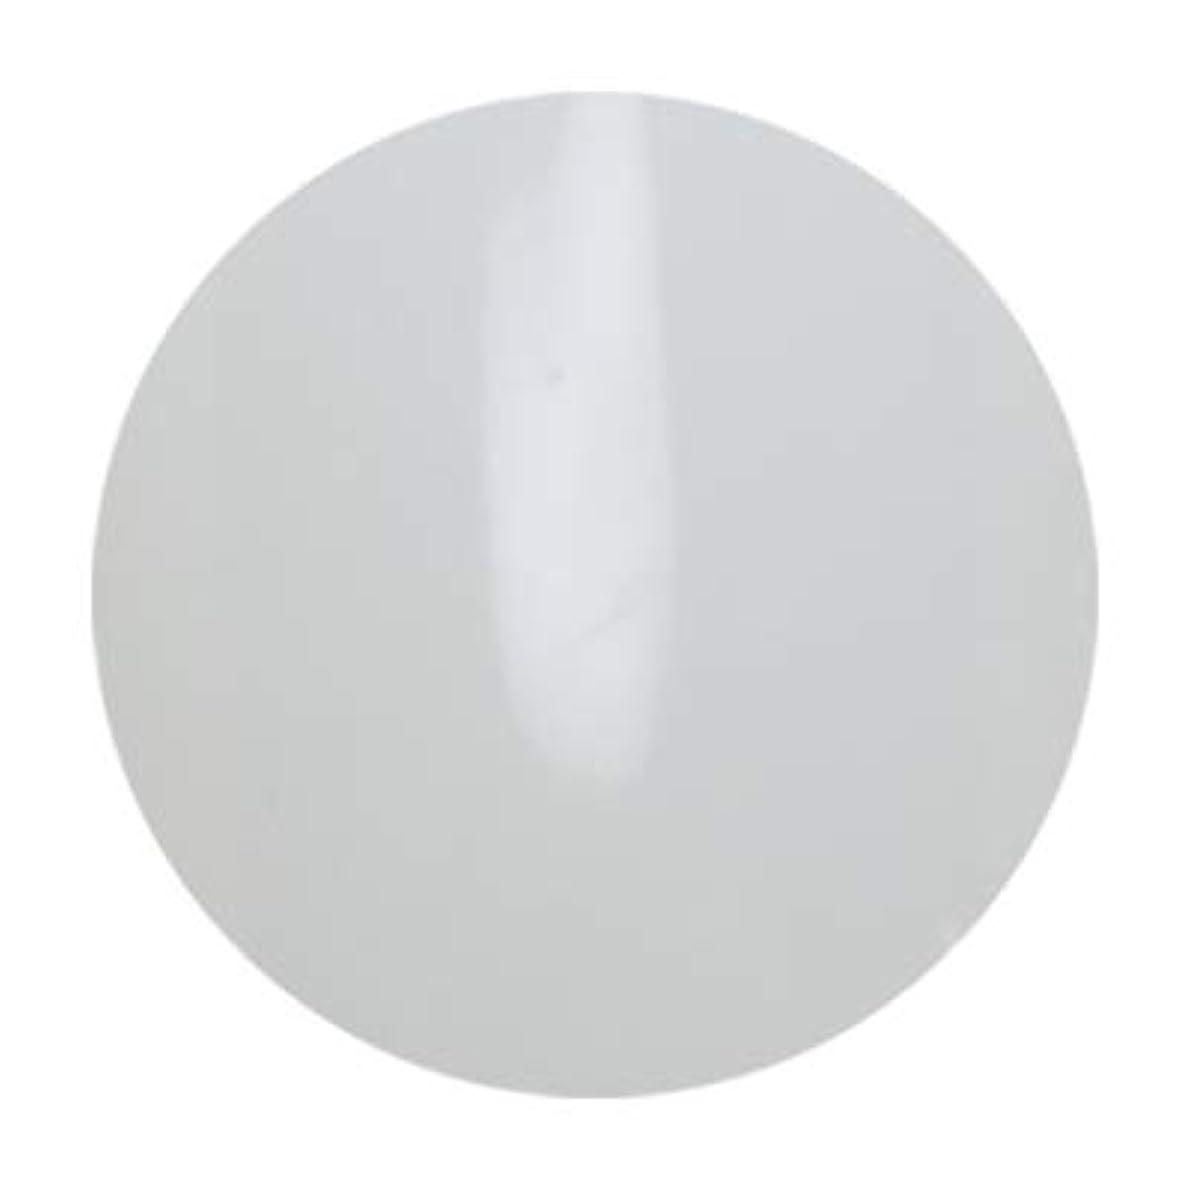 低いウェイドギネスアンジェル ビルダーカラージェル ALB01 エベレスト 3g